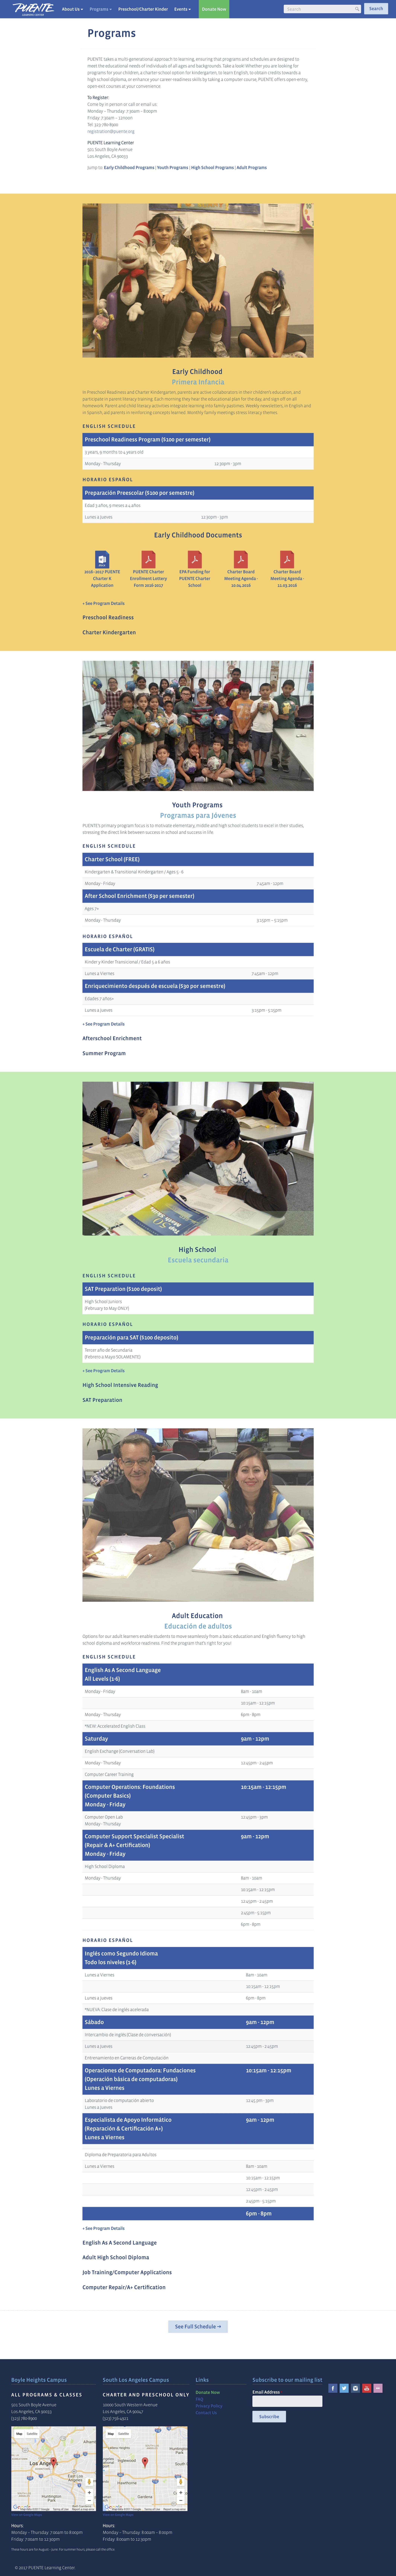 PUENTE Programs Page